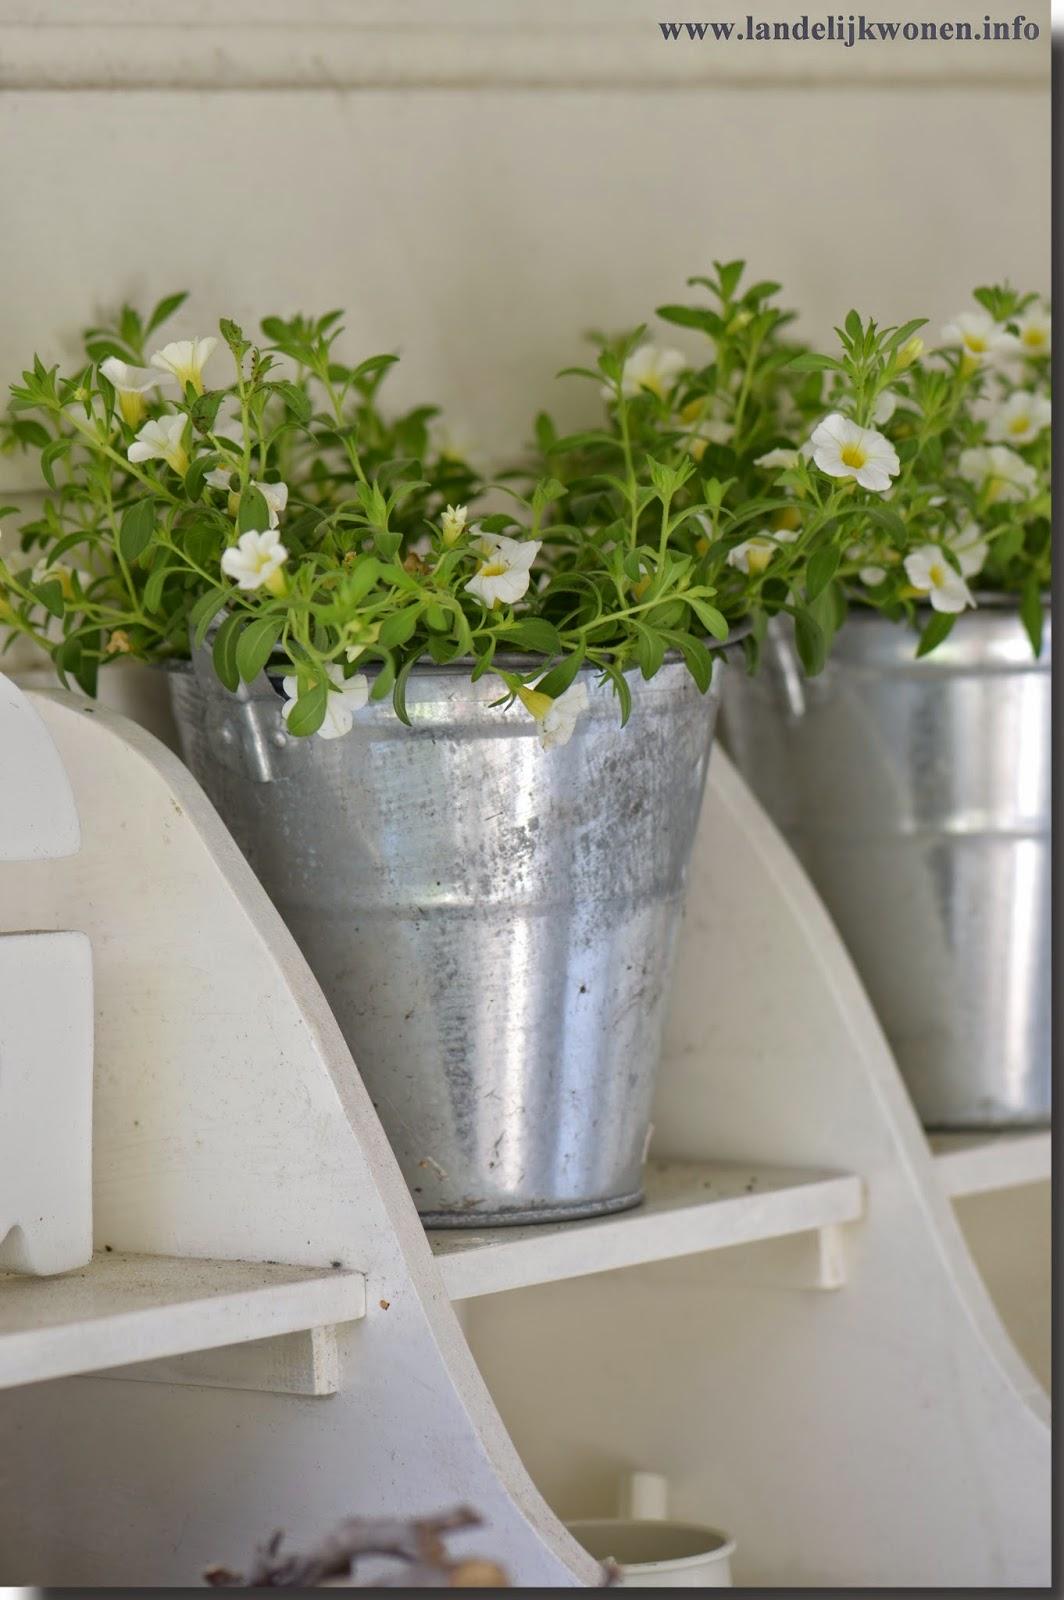 Landelijk wonen tuintafel decoratie - Decoratie binnen veranda ...